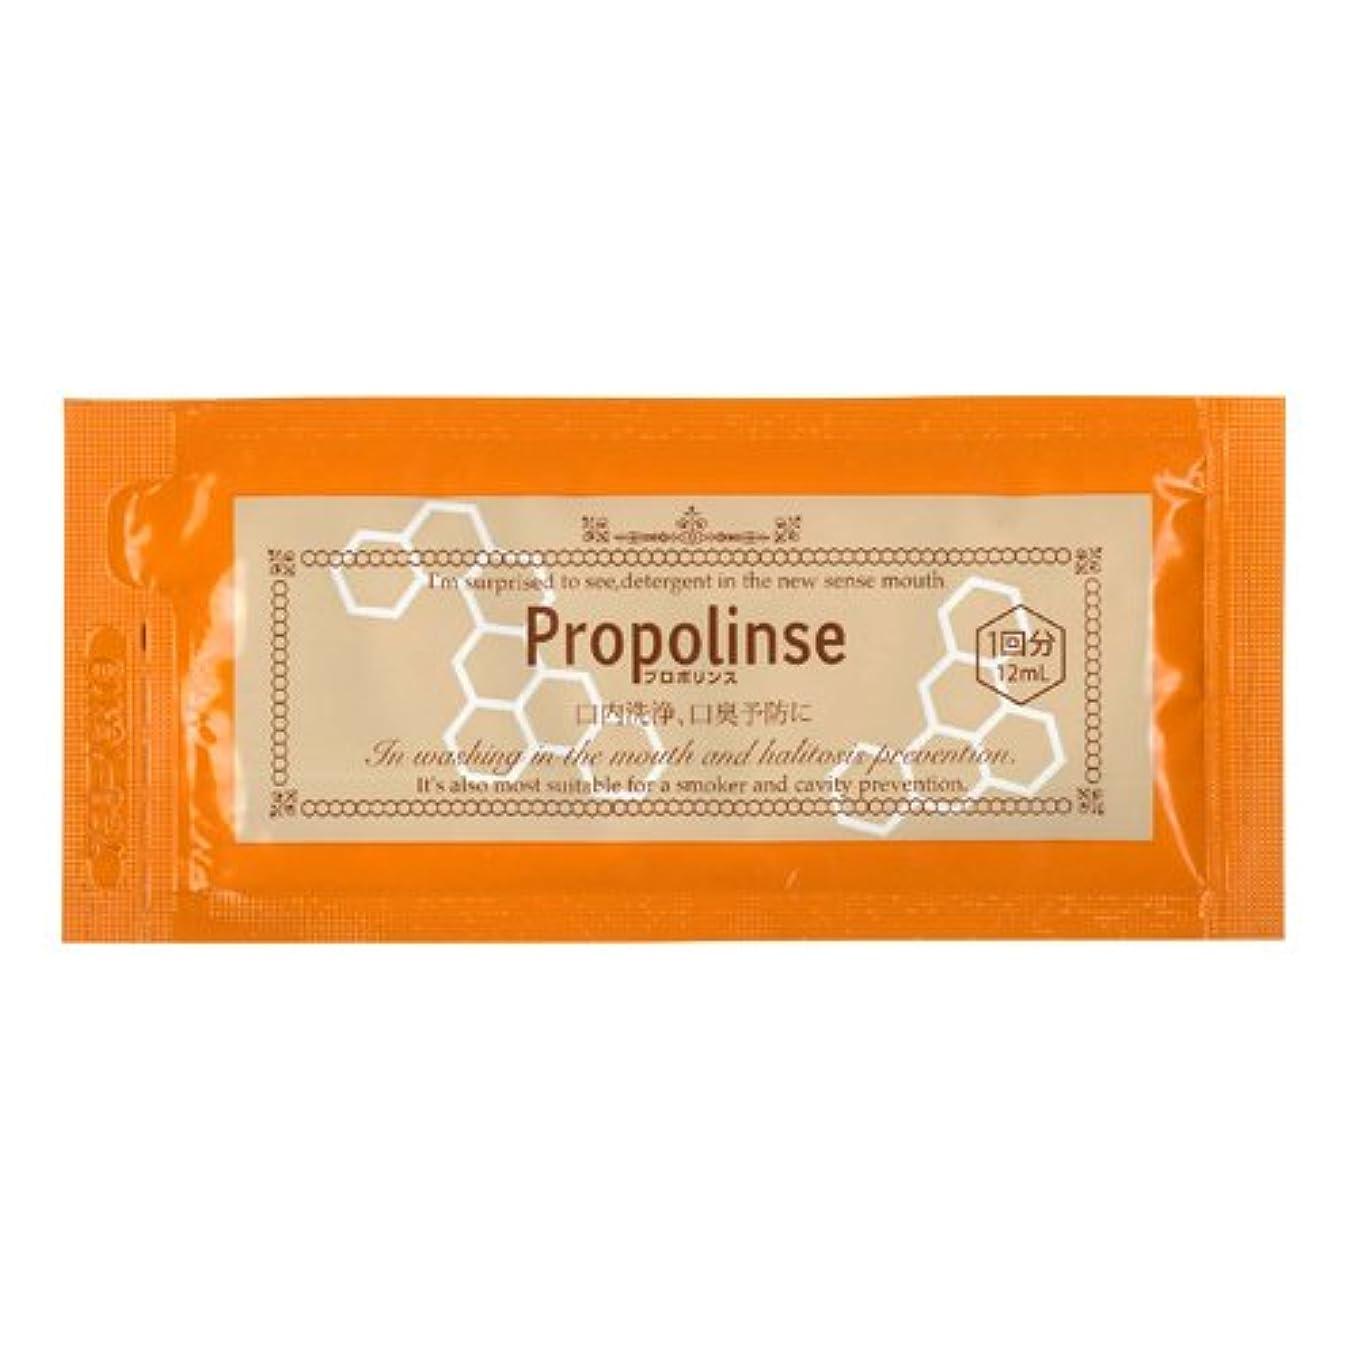 ヨーロッパ雄弁家シンジケートプロポリンス ハンディパウチ 12ml(1袋)×100袋